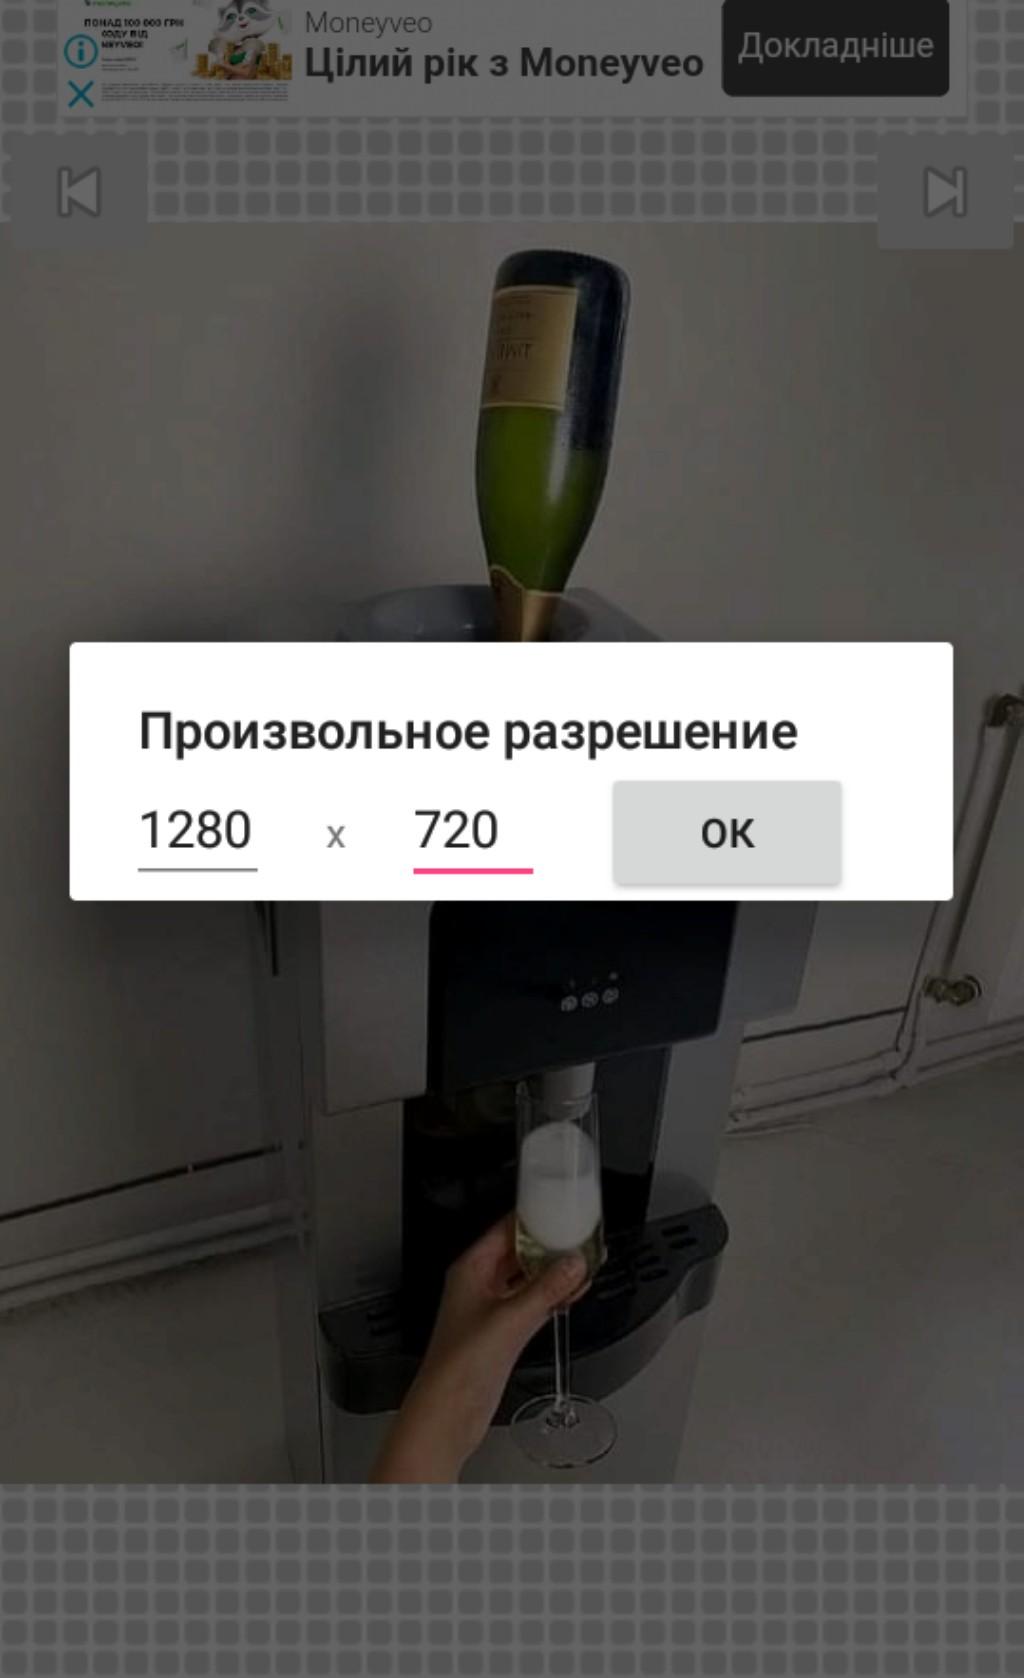 InFrame_1629677756010.jpg